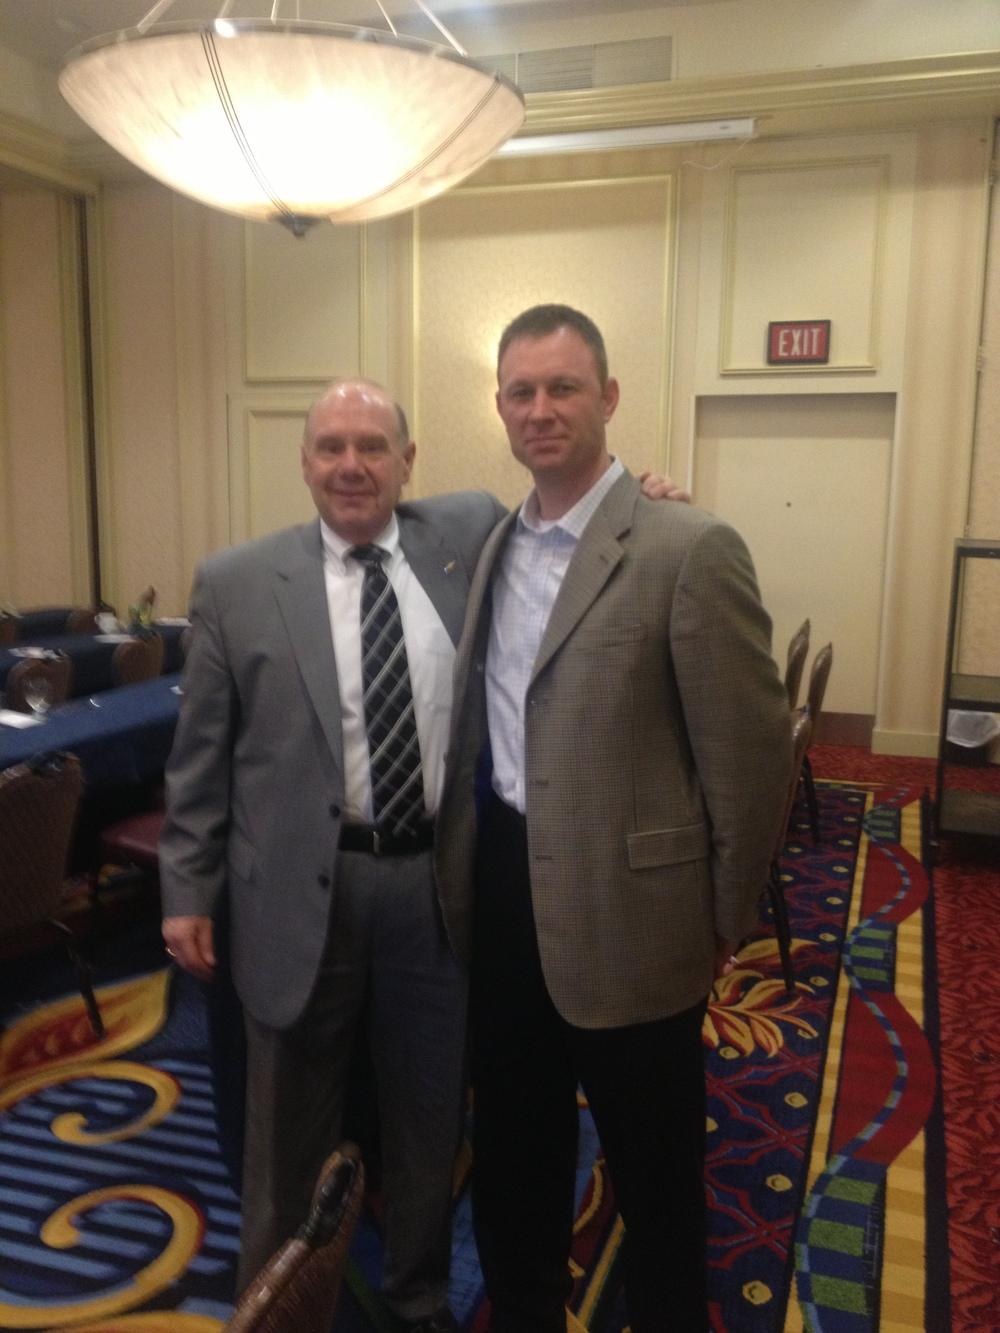 Paul LeMay and Mike Kotek